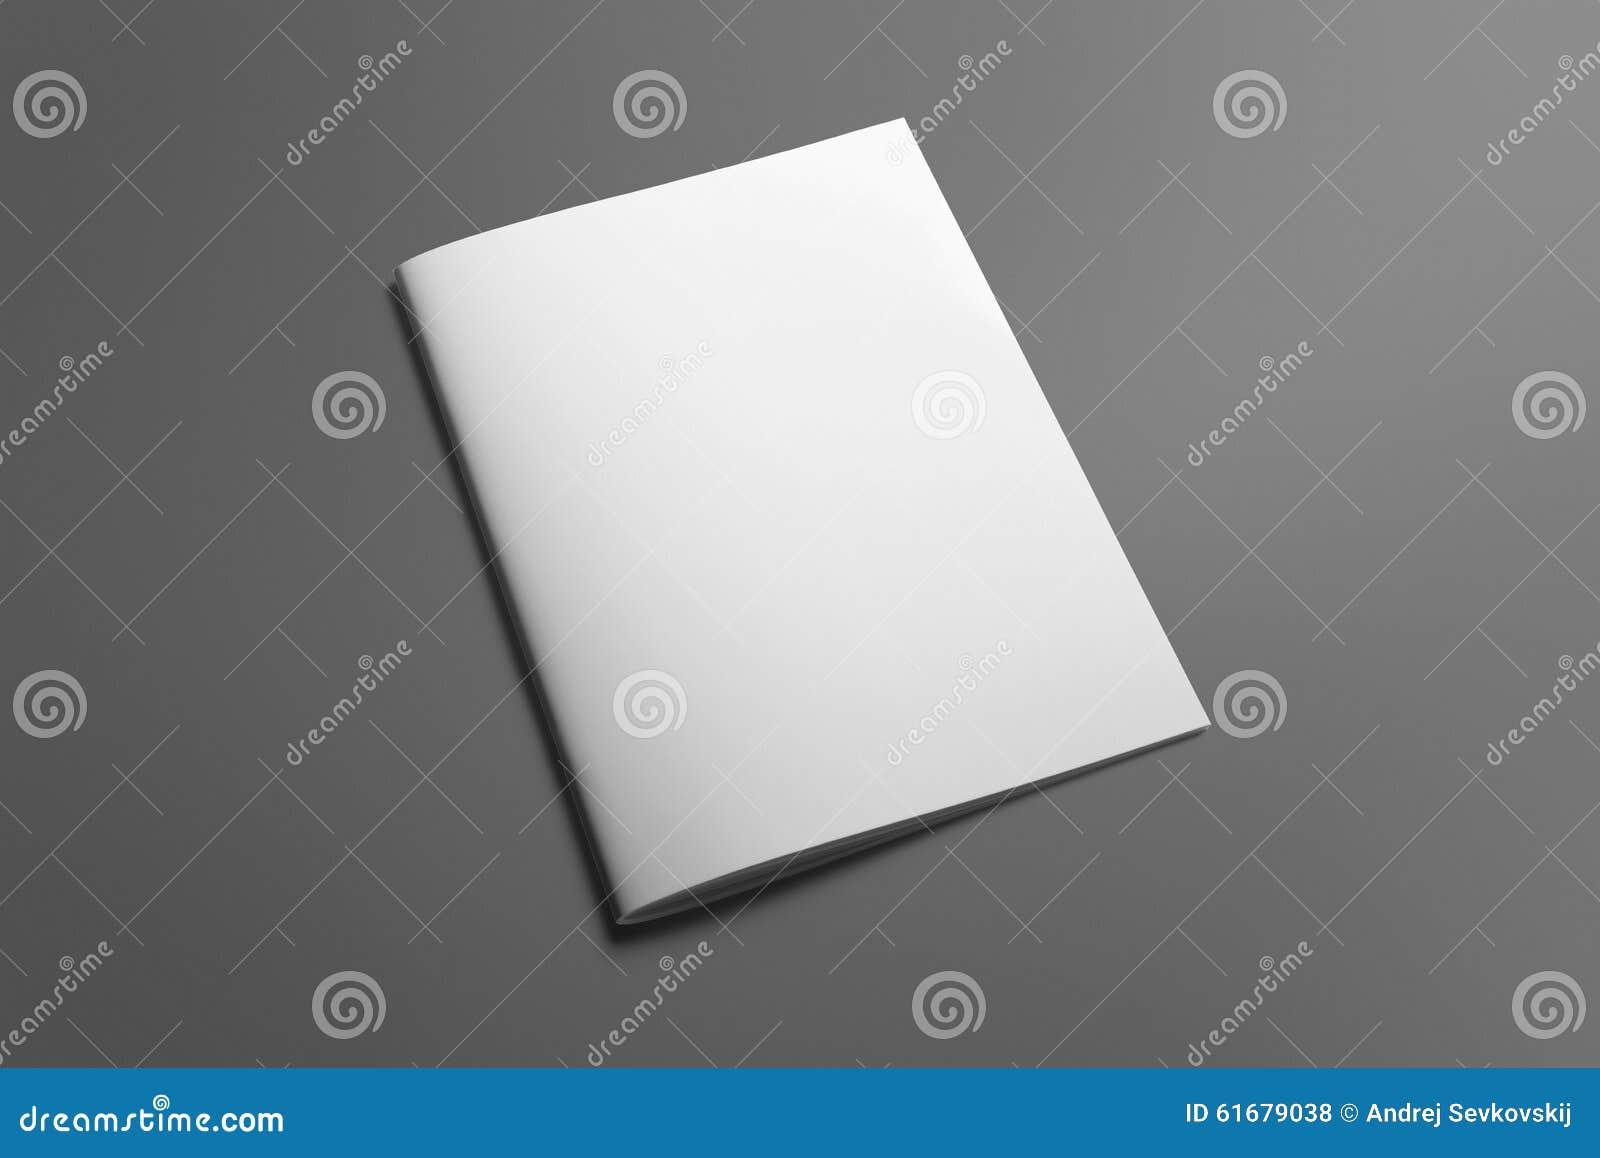 Compartimento vazio do folheto no cinza para substituir seu projeto